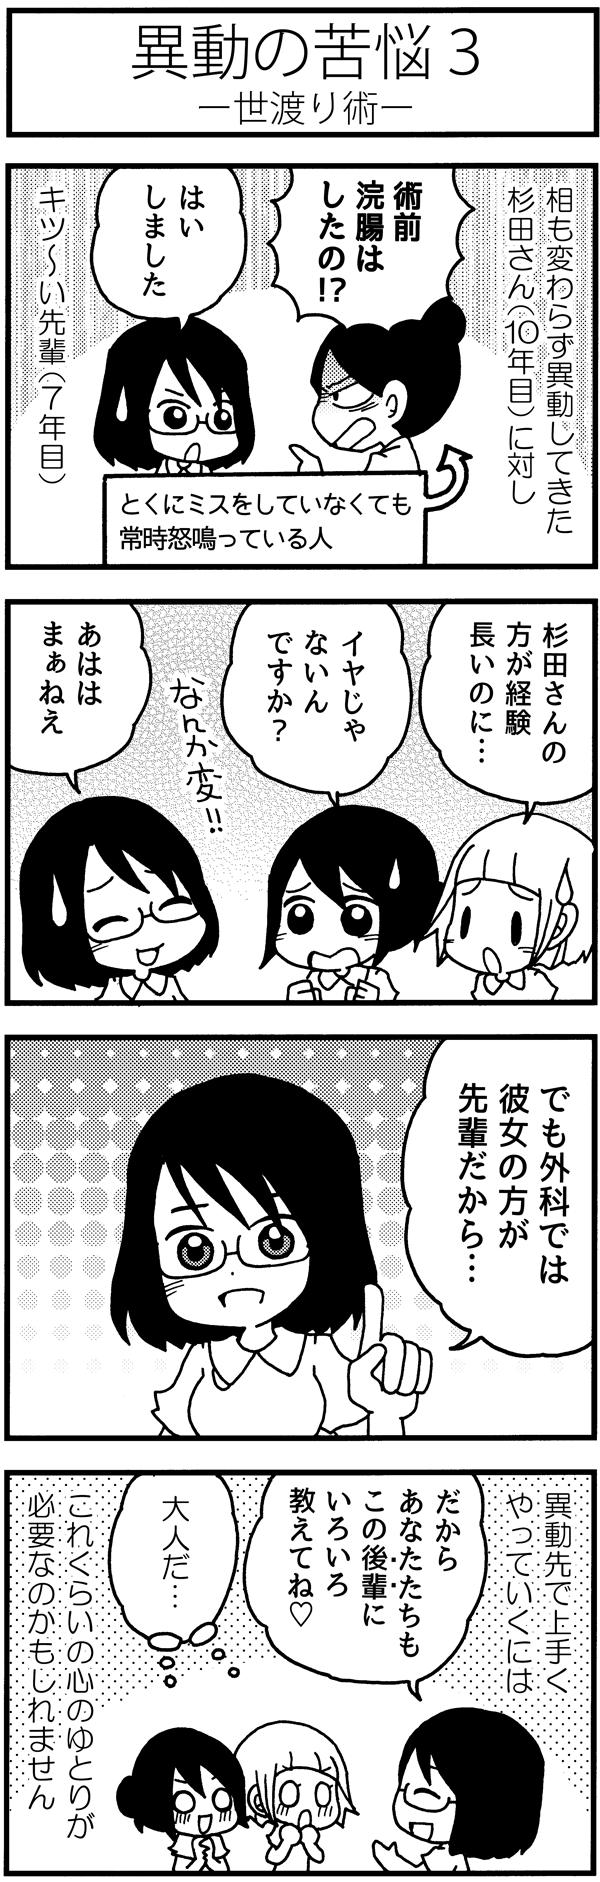 タイトル:異動の苦悩3-世渡り術-。前回に引き続き、循環器科から外科へ異動してきた杉田さん(10年目ナース)に対して、キツ~い7年目の先輩ナース。とくにミスをしていなくても常時怒鳴っています。みちよたちが「杉田さんの方が経験長いのに…」「イヤじゃないんですか?」と心配しながら声をかけると、杉田さんは笑顔で「でも外科では彼女のほうが先輩だから…。だからあなたたちもこの後輩にいろいろ教えてね!」と大人な回答。異動先で上手くやっていくには、これくらいの心のゆとりが必要なのかもしれませんね。